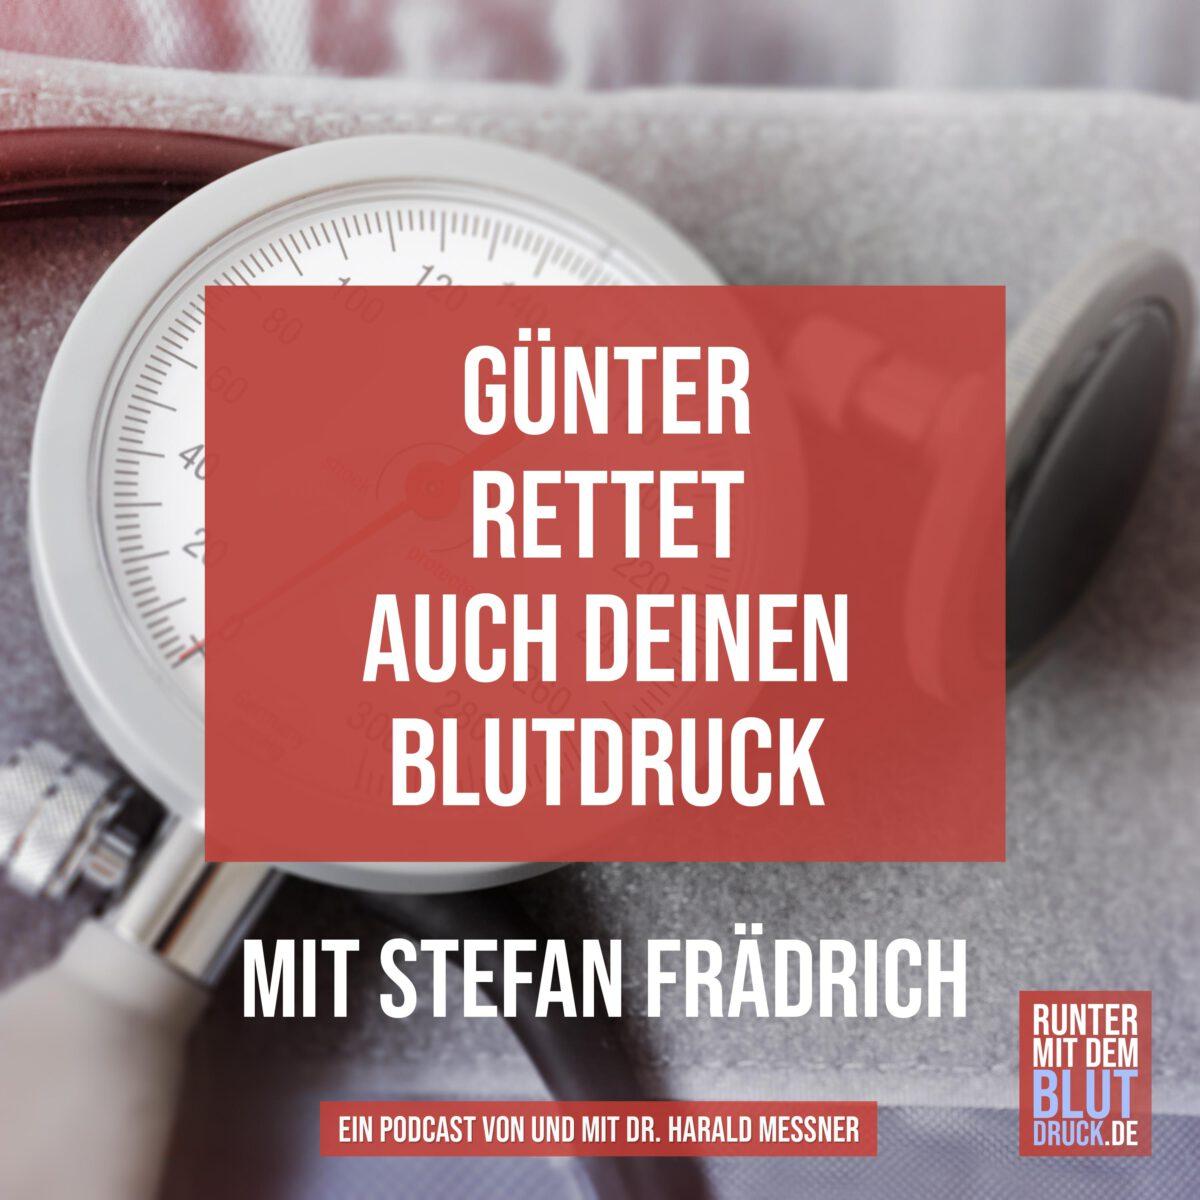 Günter rettet deinen Blutdruck